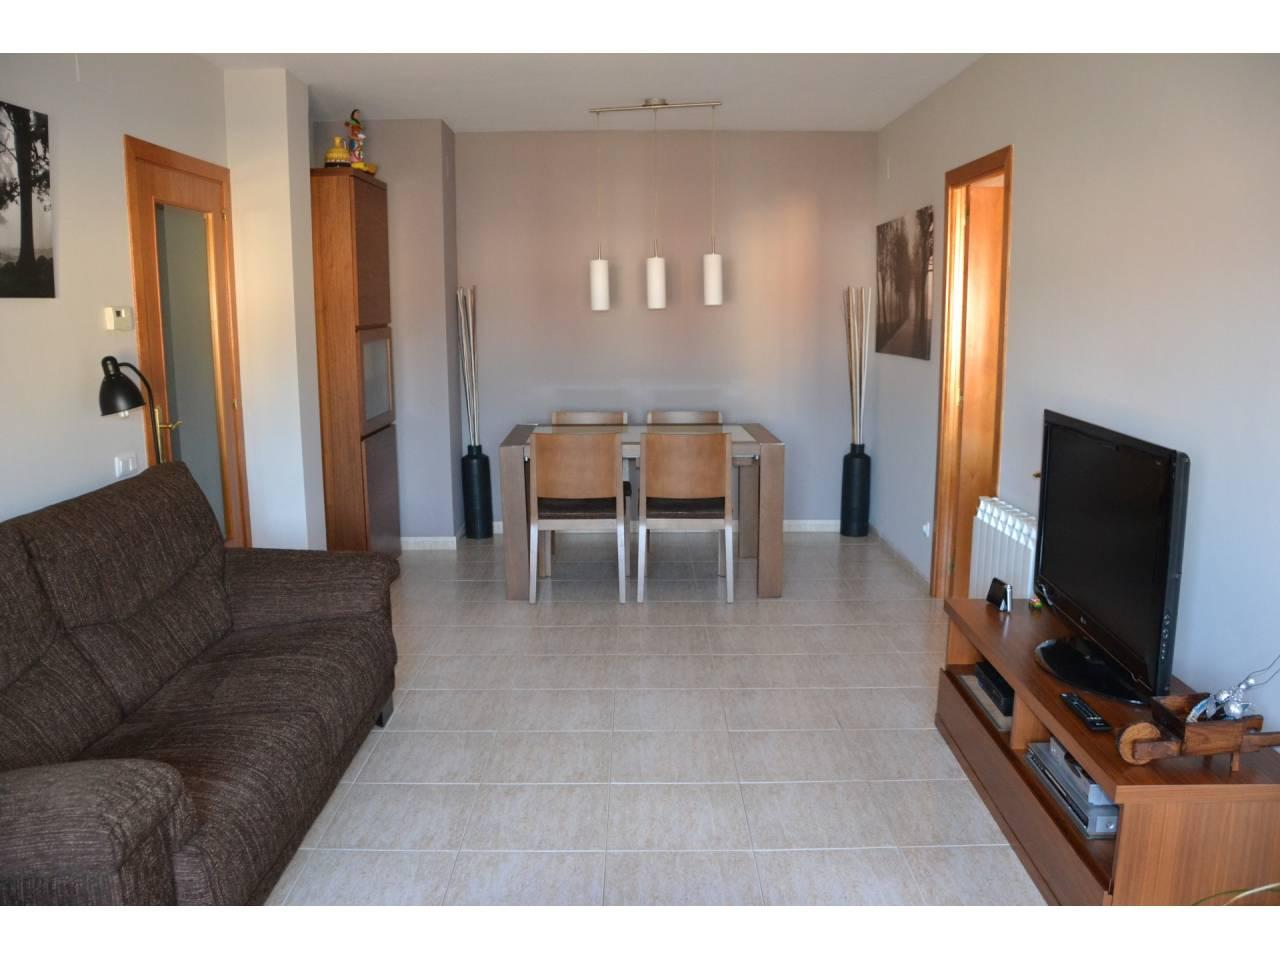 Pis  Vallromanes. Piso de superficie útil 92 m², 1 hab. individualy dos dobles (1